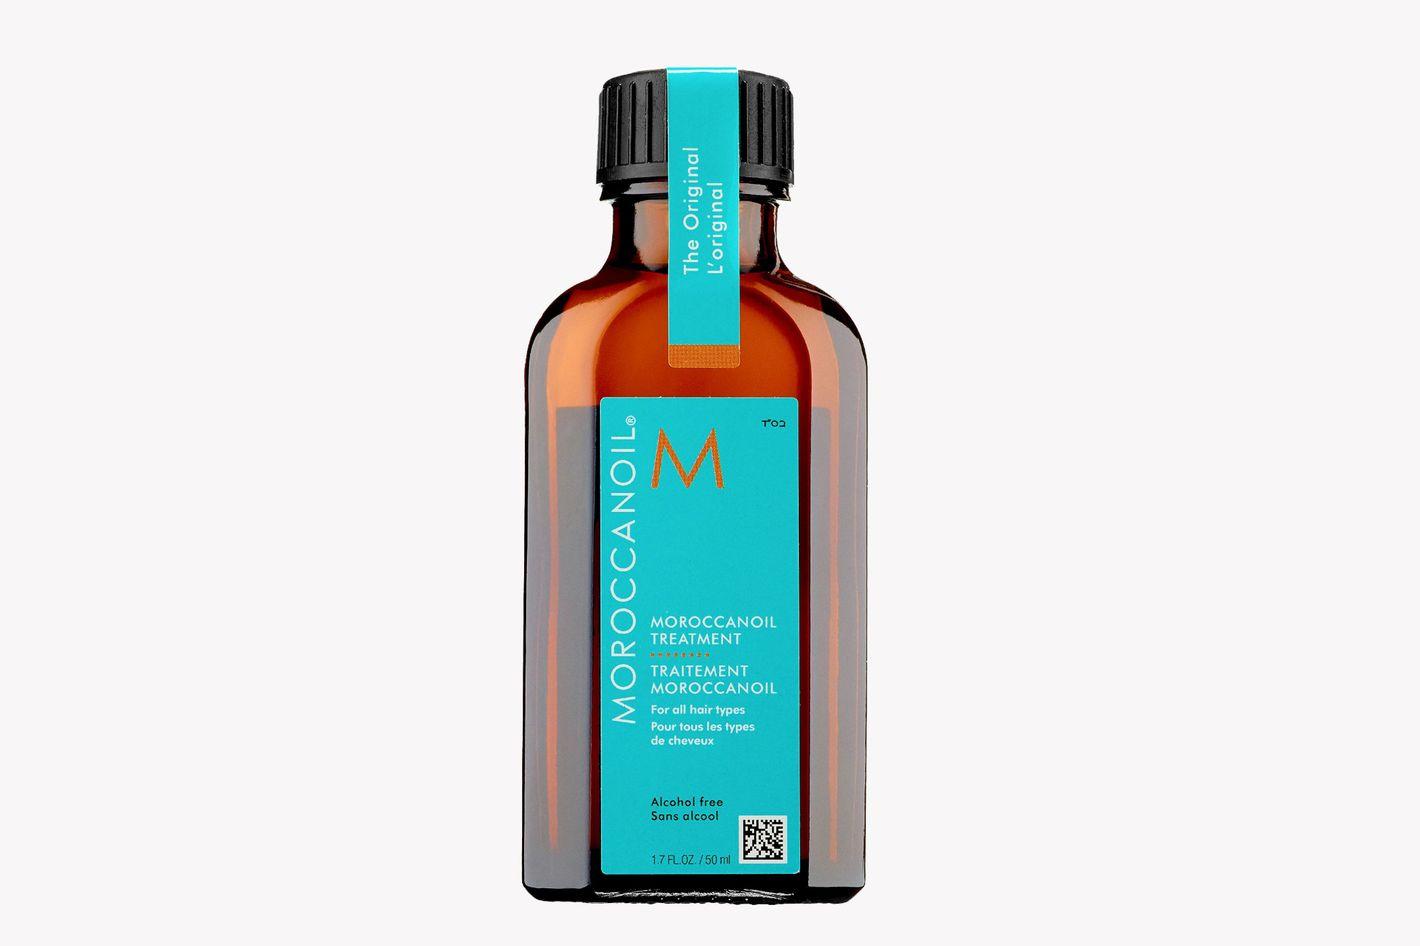 MOROCCANOIL Moroccanoil Treatment